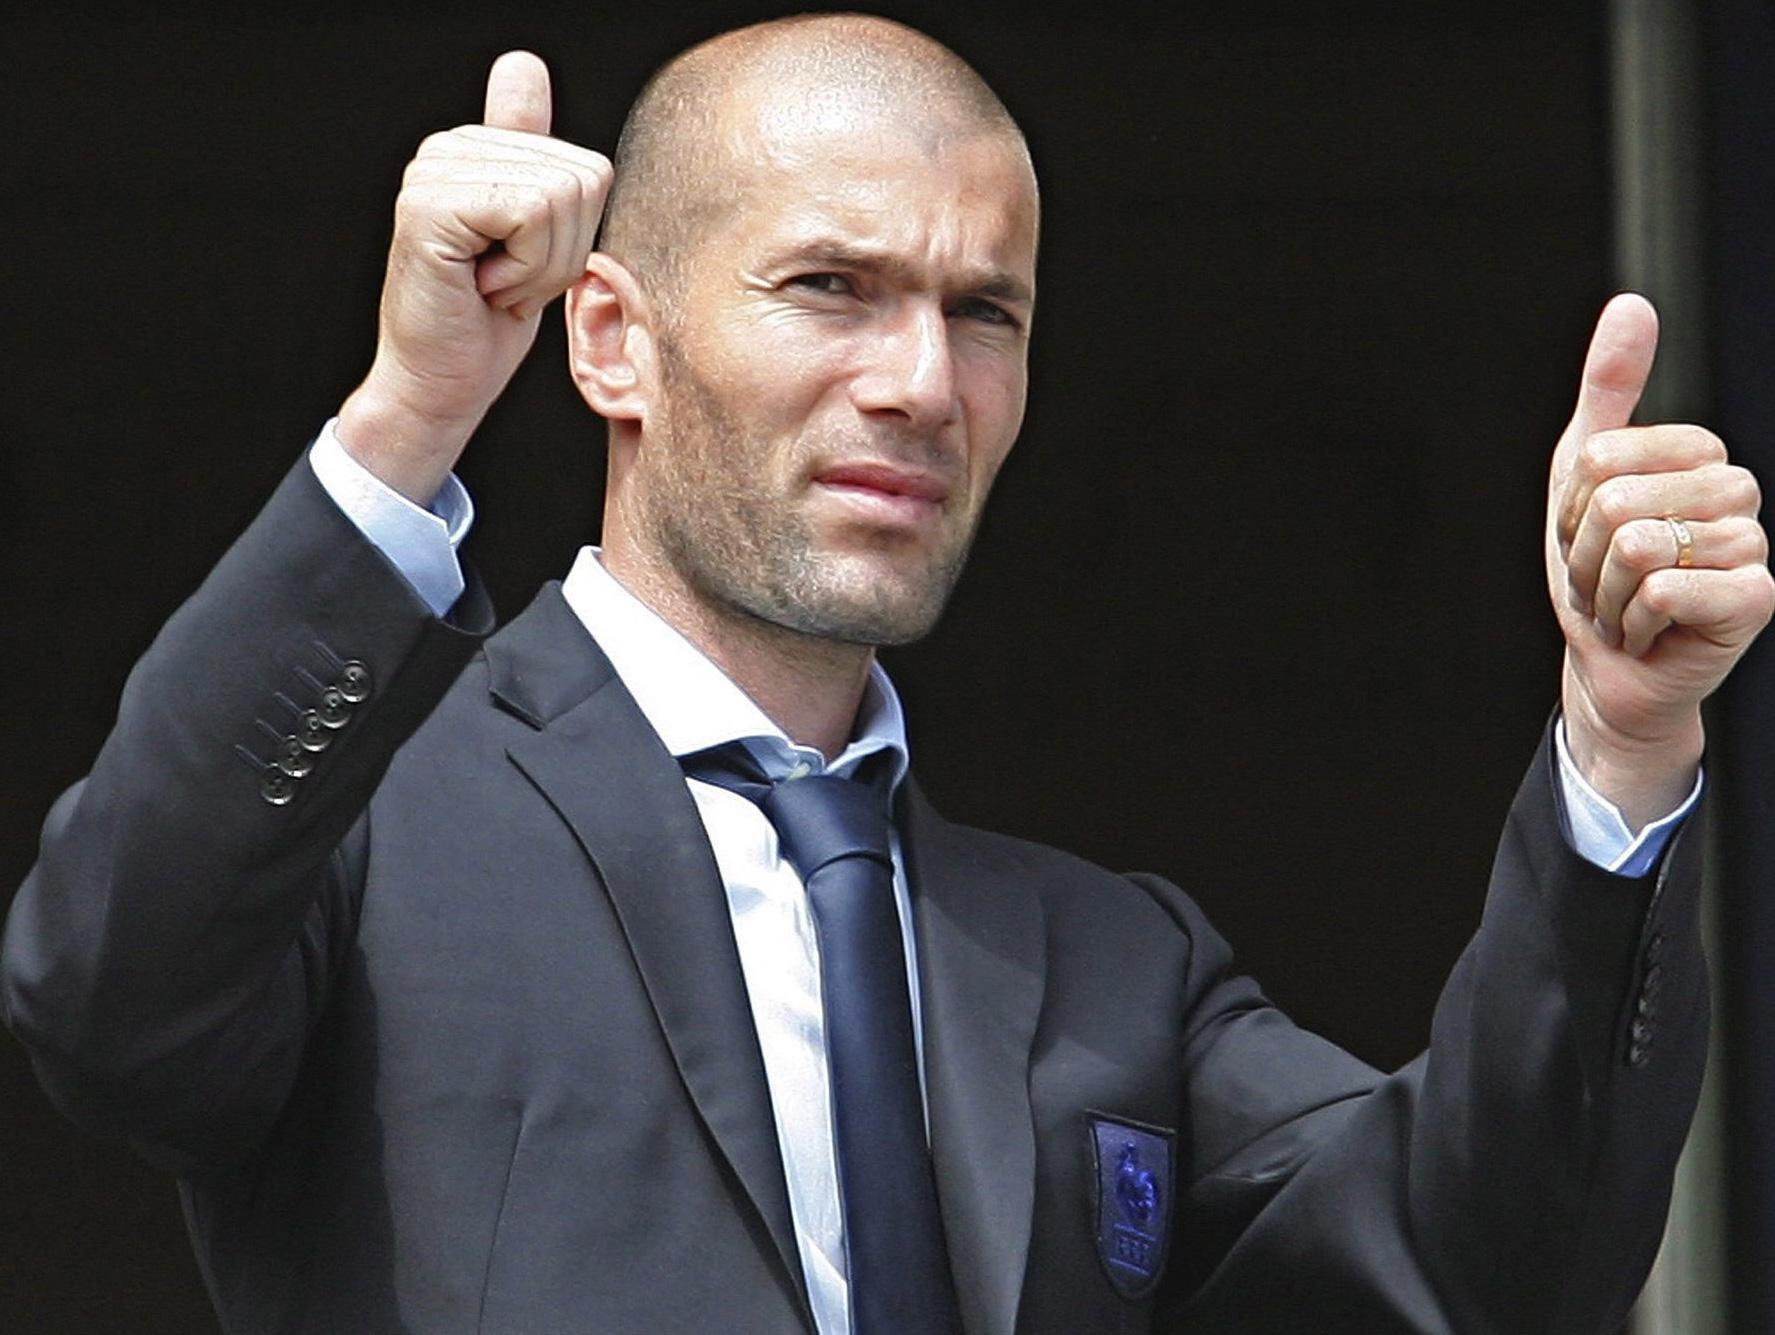 فرص ريال مدريد وليفربول في نهائي دوري الأبطال متساوية